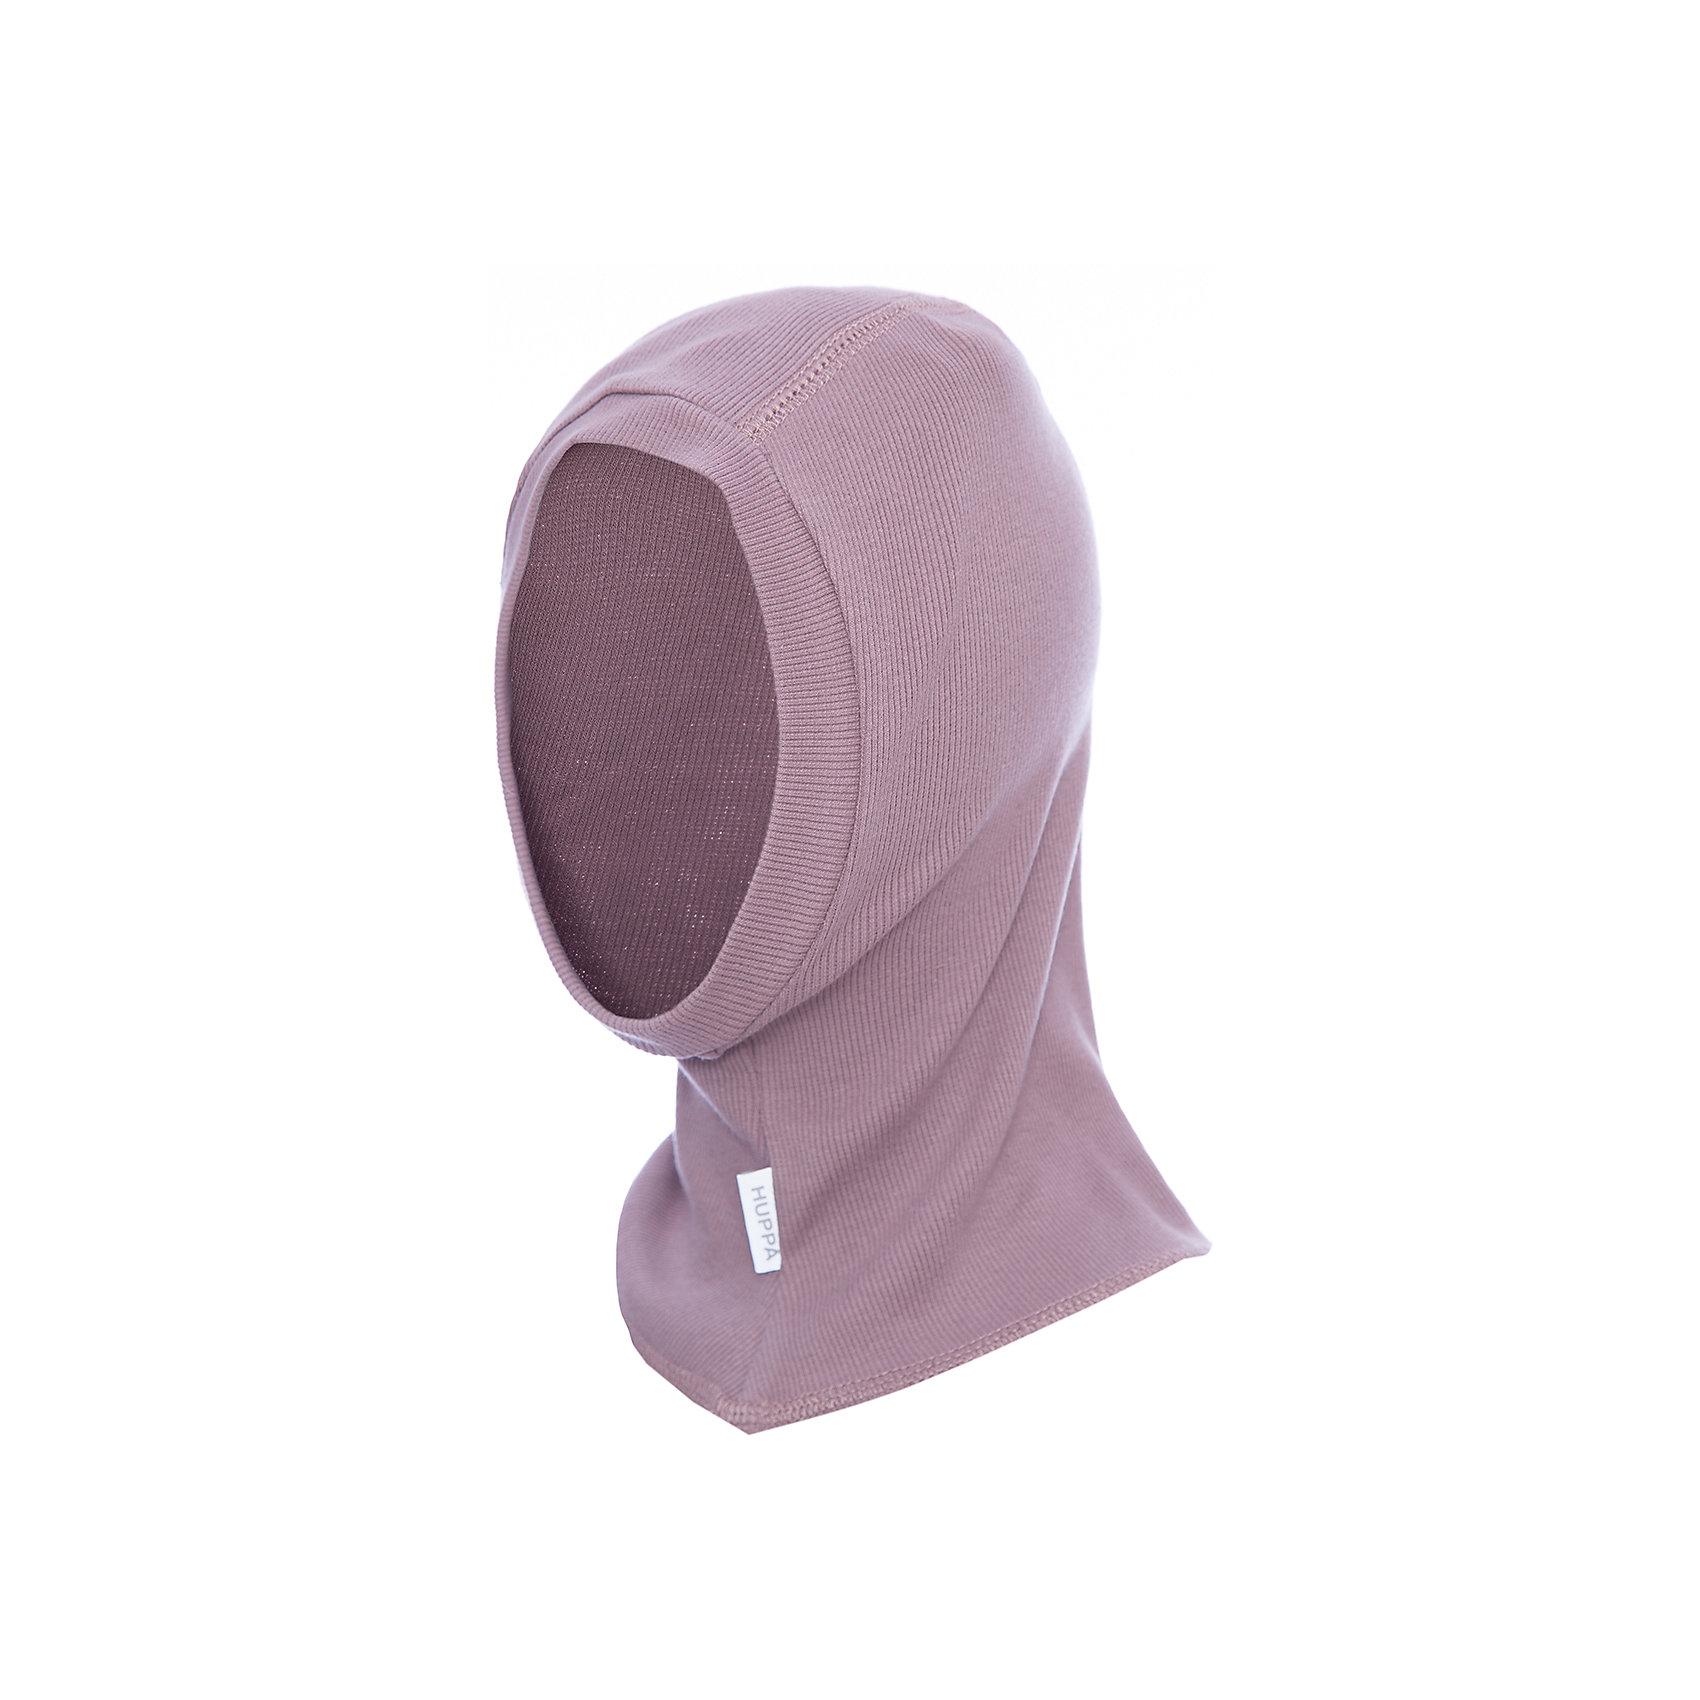 Шапка HuppaХлопчатобумажная шапка-шлем отлично защитит от холодной погоды в межсезонье.<br><br>Дополнительная информация:<br><br>Демисезонная модель<br>Состав: 100% хлопок<br><br>Шапку Huppa можно купить в нашем магазине.<br><br>Ширина мм: 89<br>Глубина мм: 117<br>Высота мм: 44<br>Вес г: 155<br>Цвет: бежевый<br>Возраст от месяцев: 84<br>Возраст до месяцев: 120<br>Пол: Унисекс<br>Возраст: Детский<br>Размер: 55-57,51-53,47-49<br>SKU: 4595838